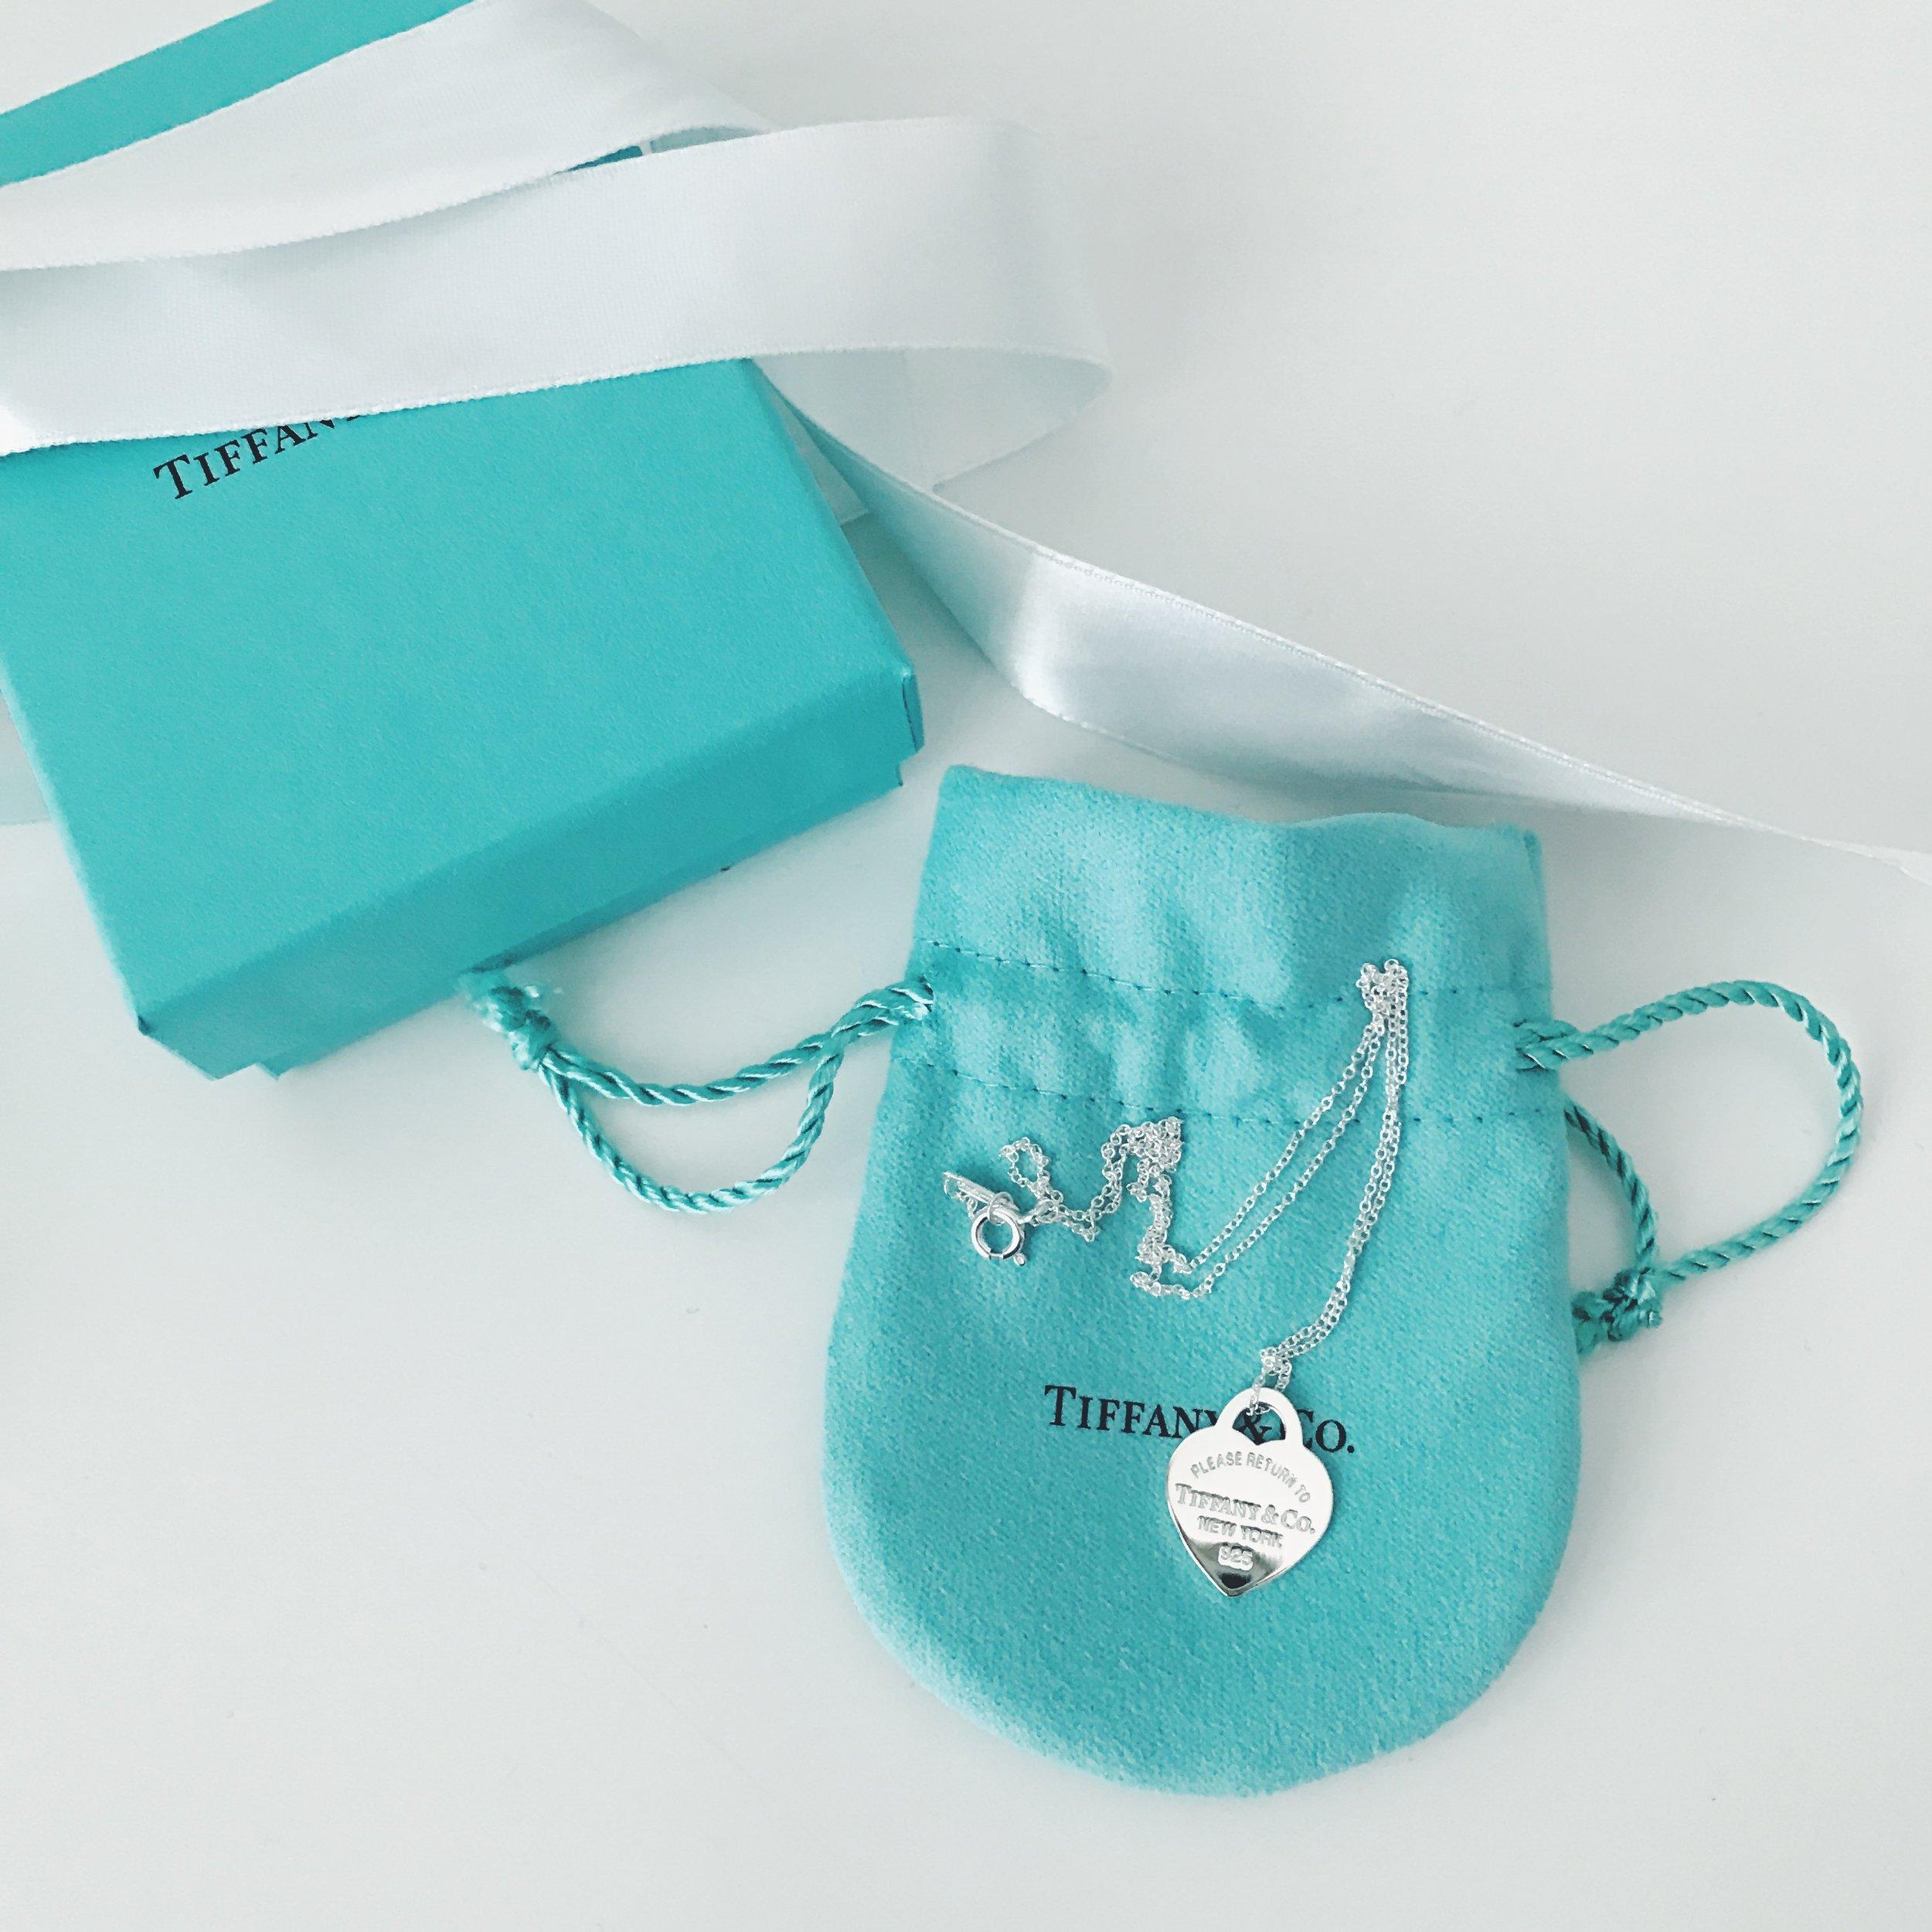 Tiffany kaulakoru